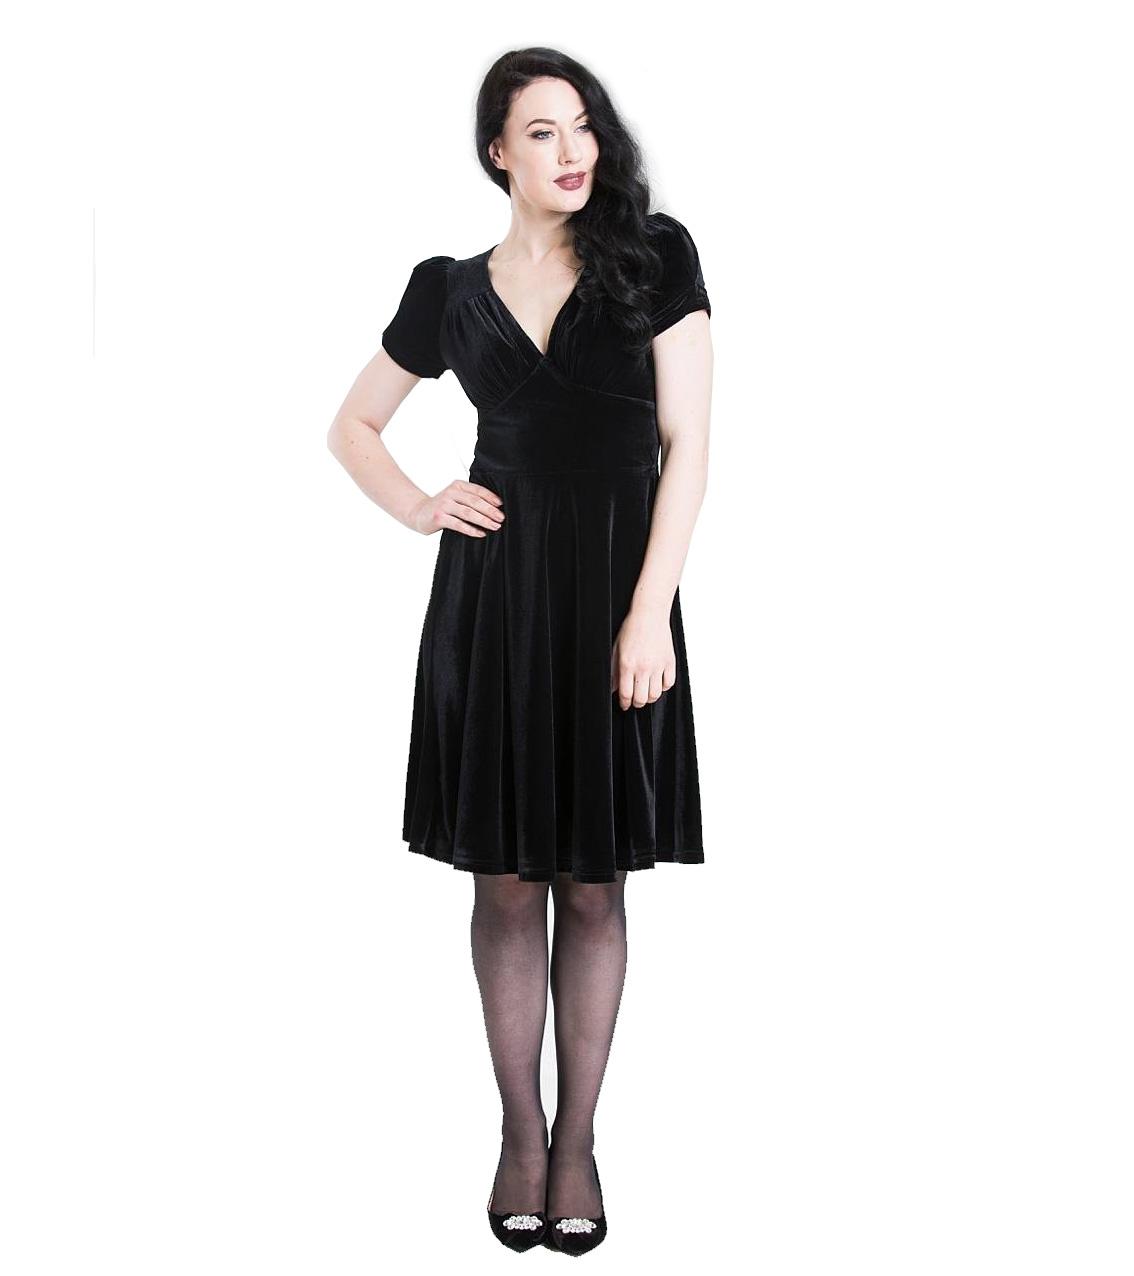 Hell-Bunny-40s-50s-Elegant-Pin-Up-Dress-JOANNE-Crushed-Velvet-Black-All-Sizes thumbnail 45